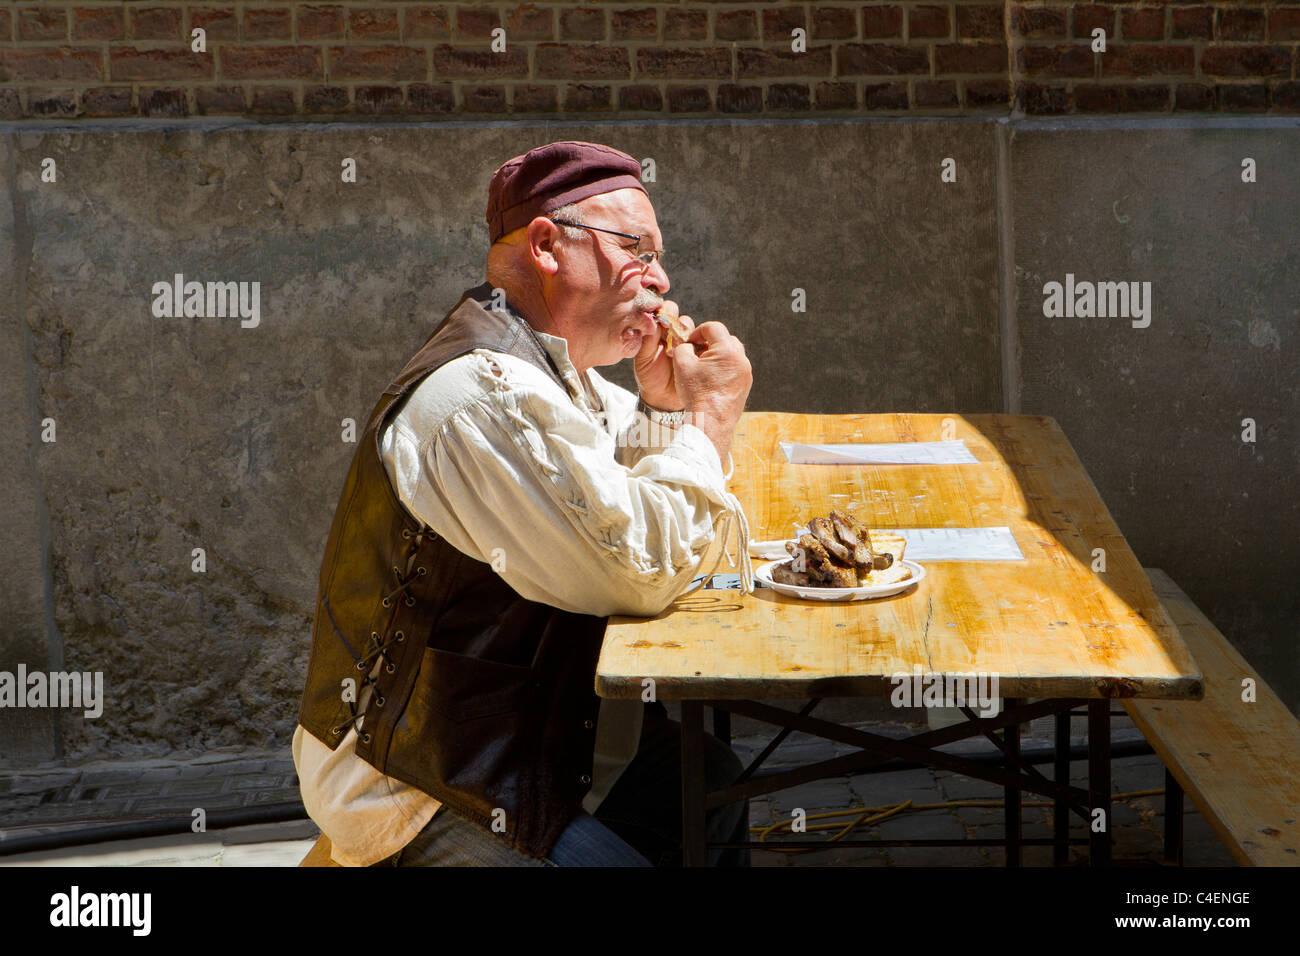 Uomo in costume tradizionale di mangiare costolette di maiale Immagini Stock